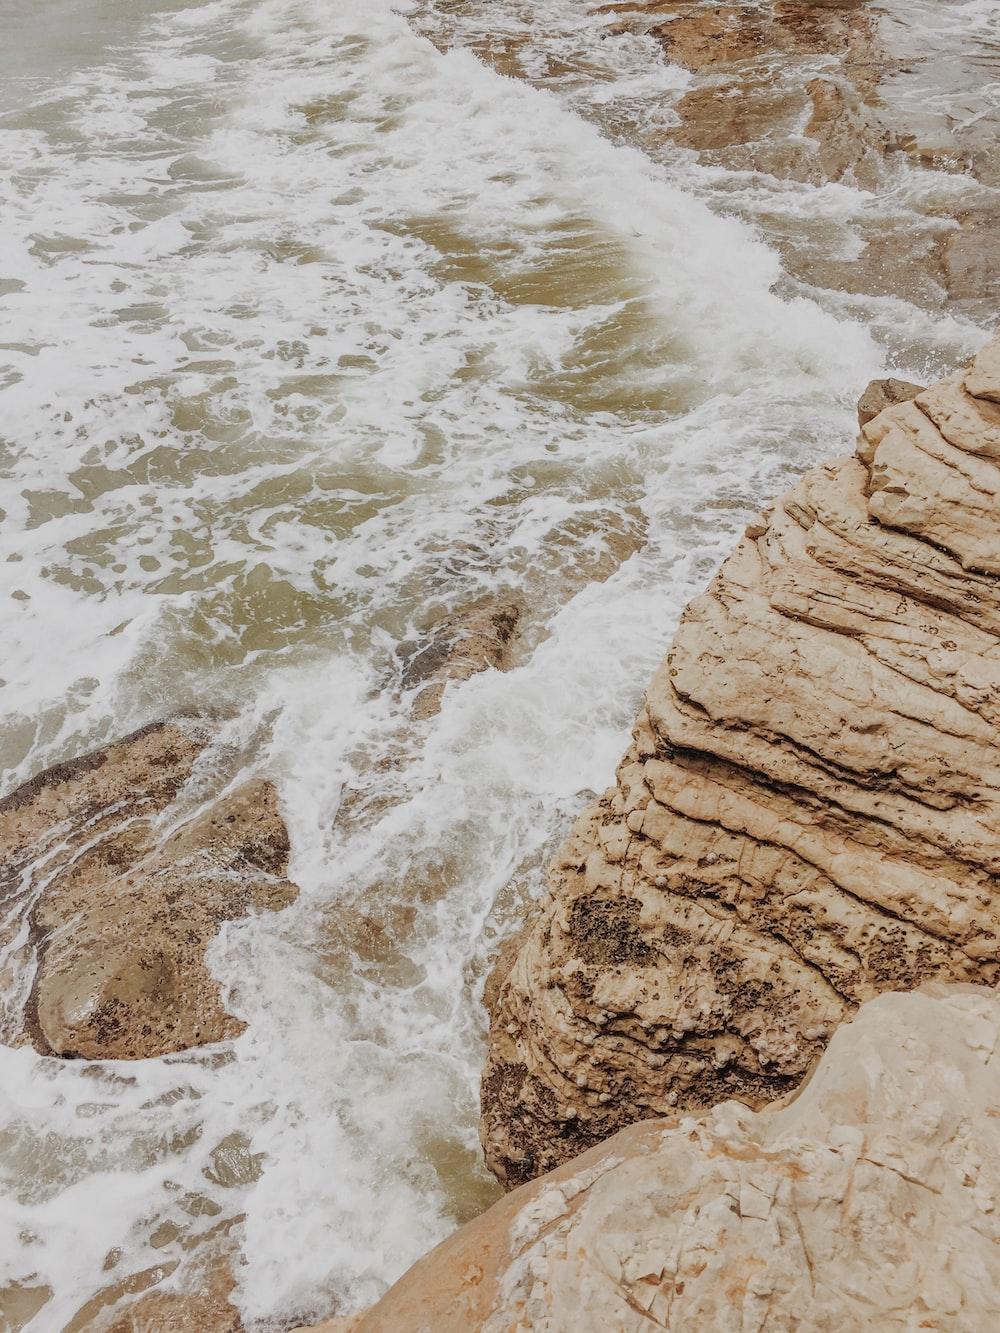 body of water beside rock formation